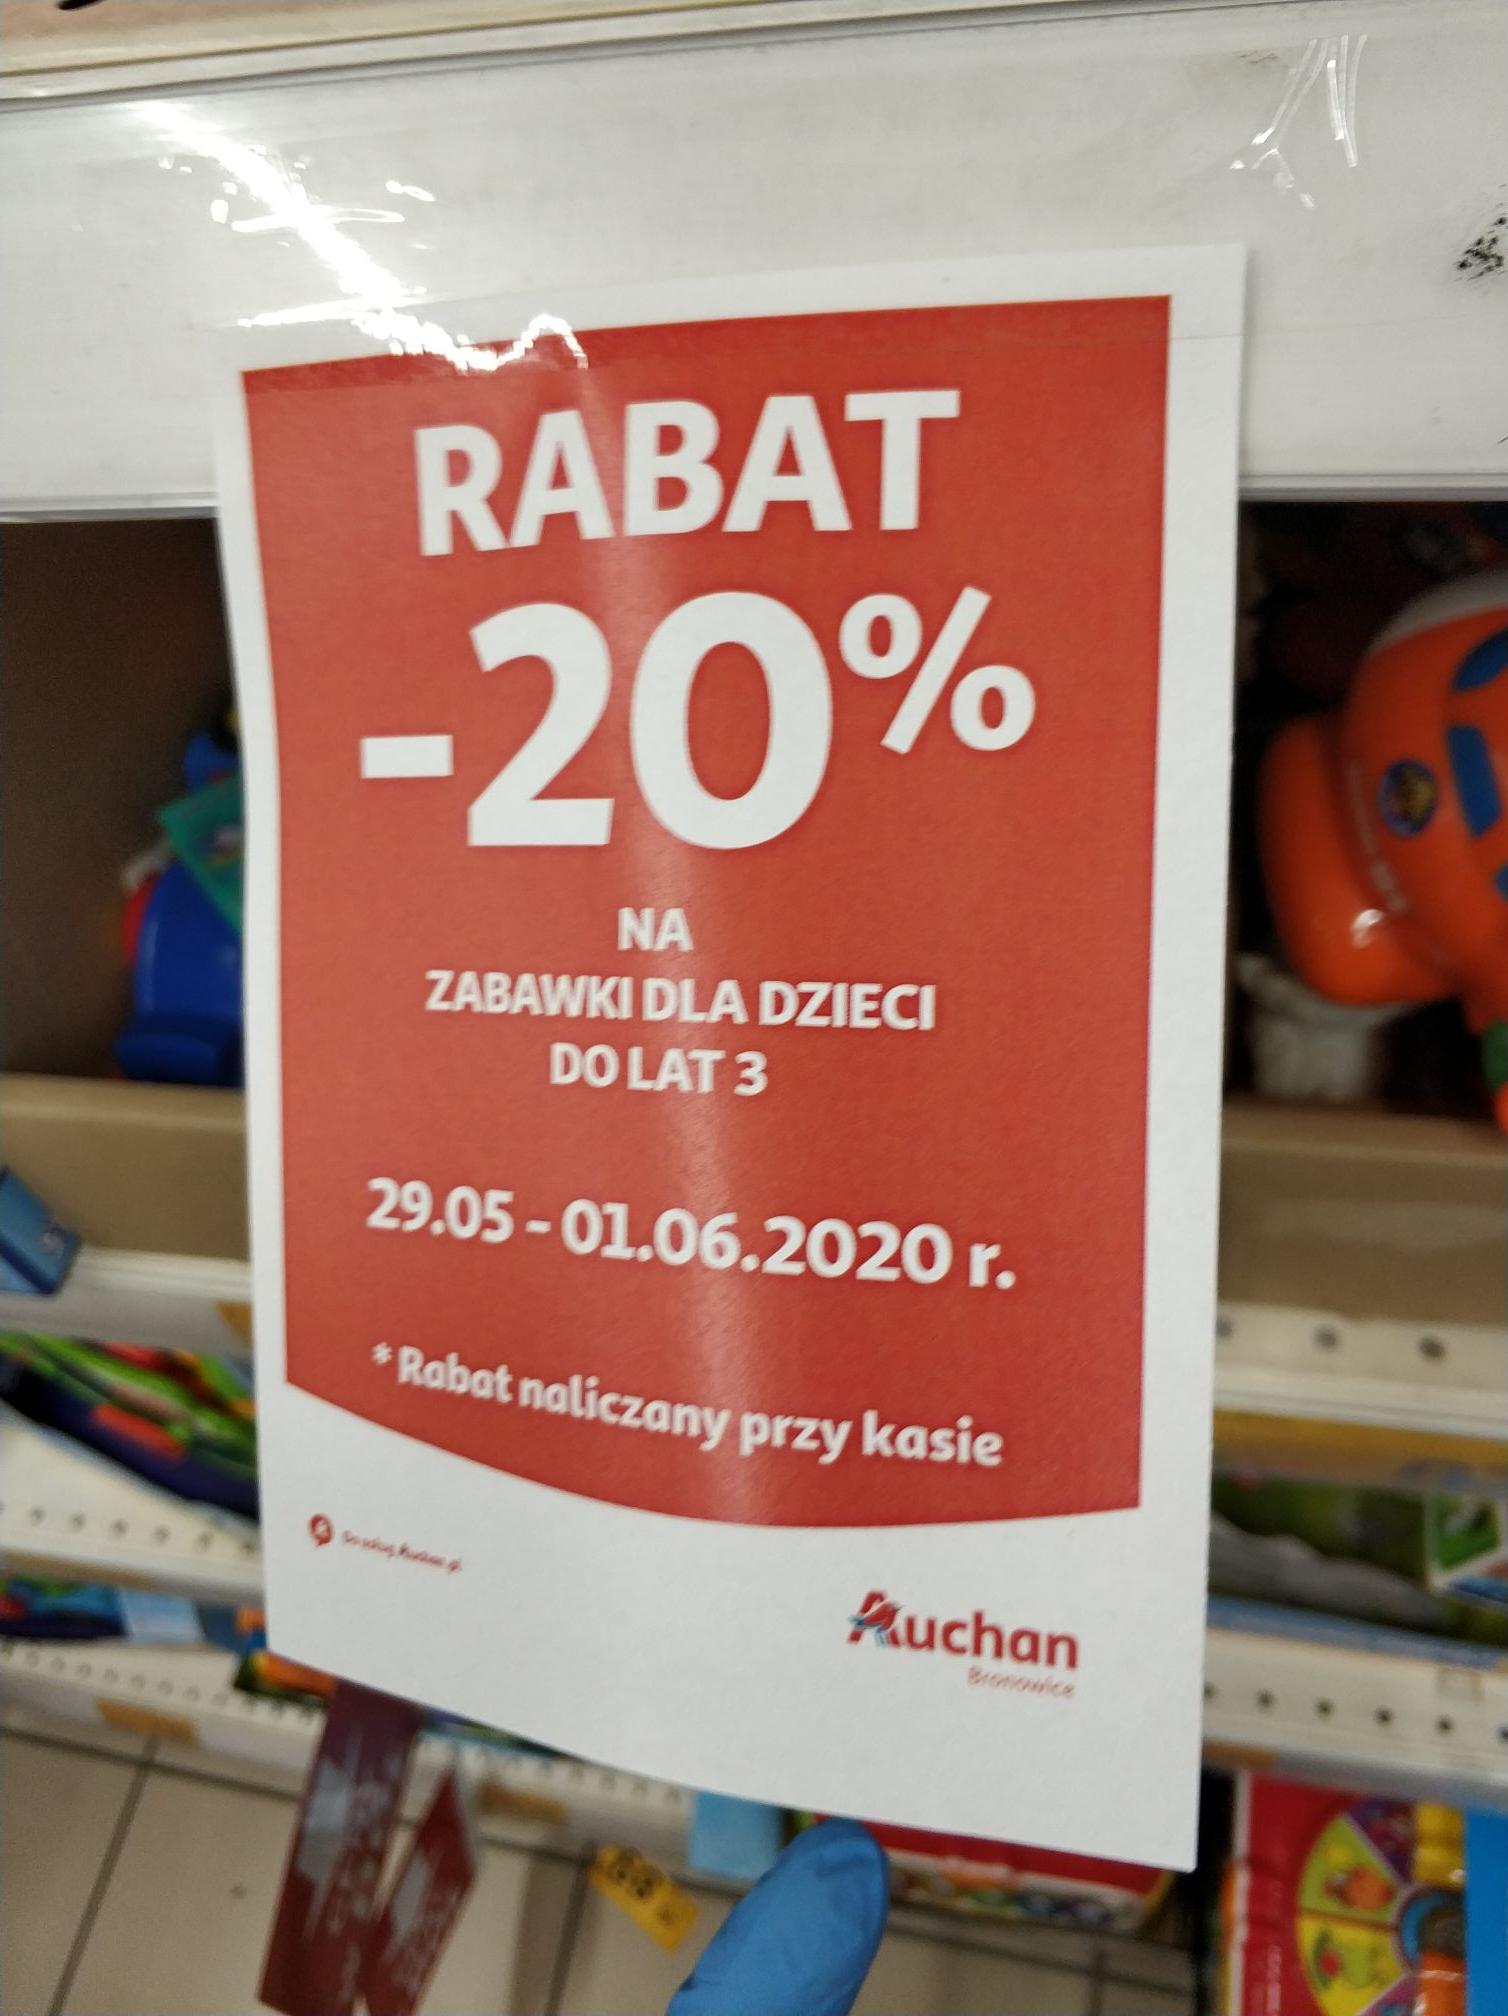 Auchan Rabat 20% na zabawki dla dzieci do lat 3